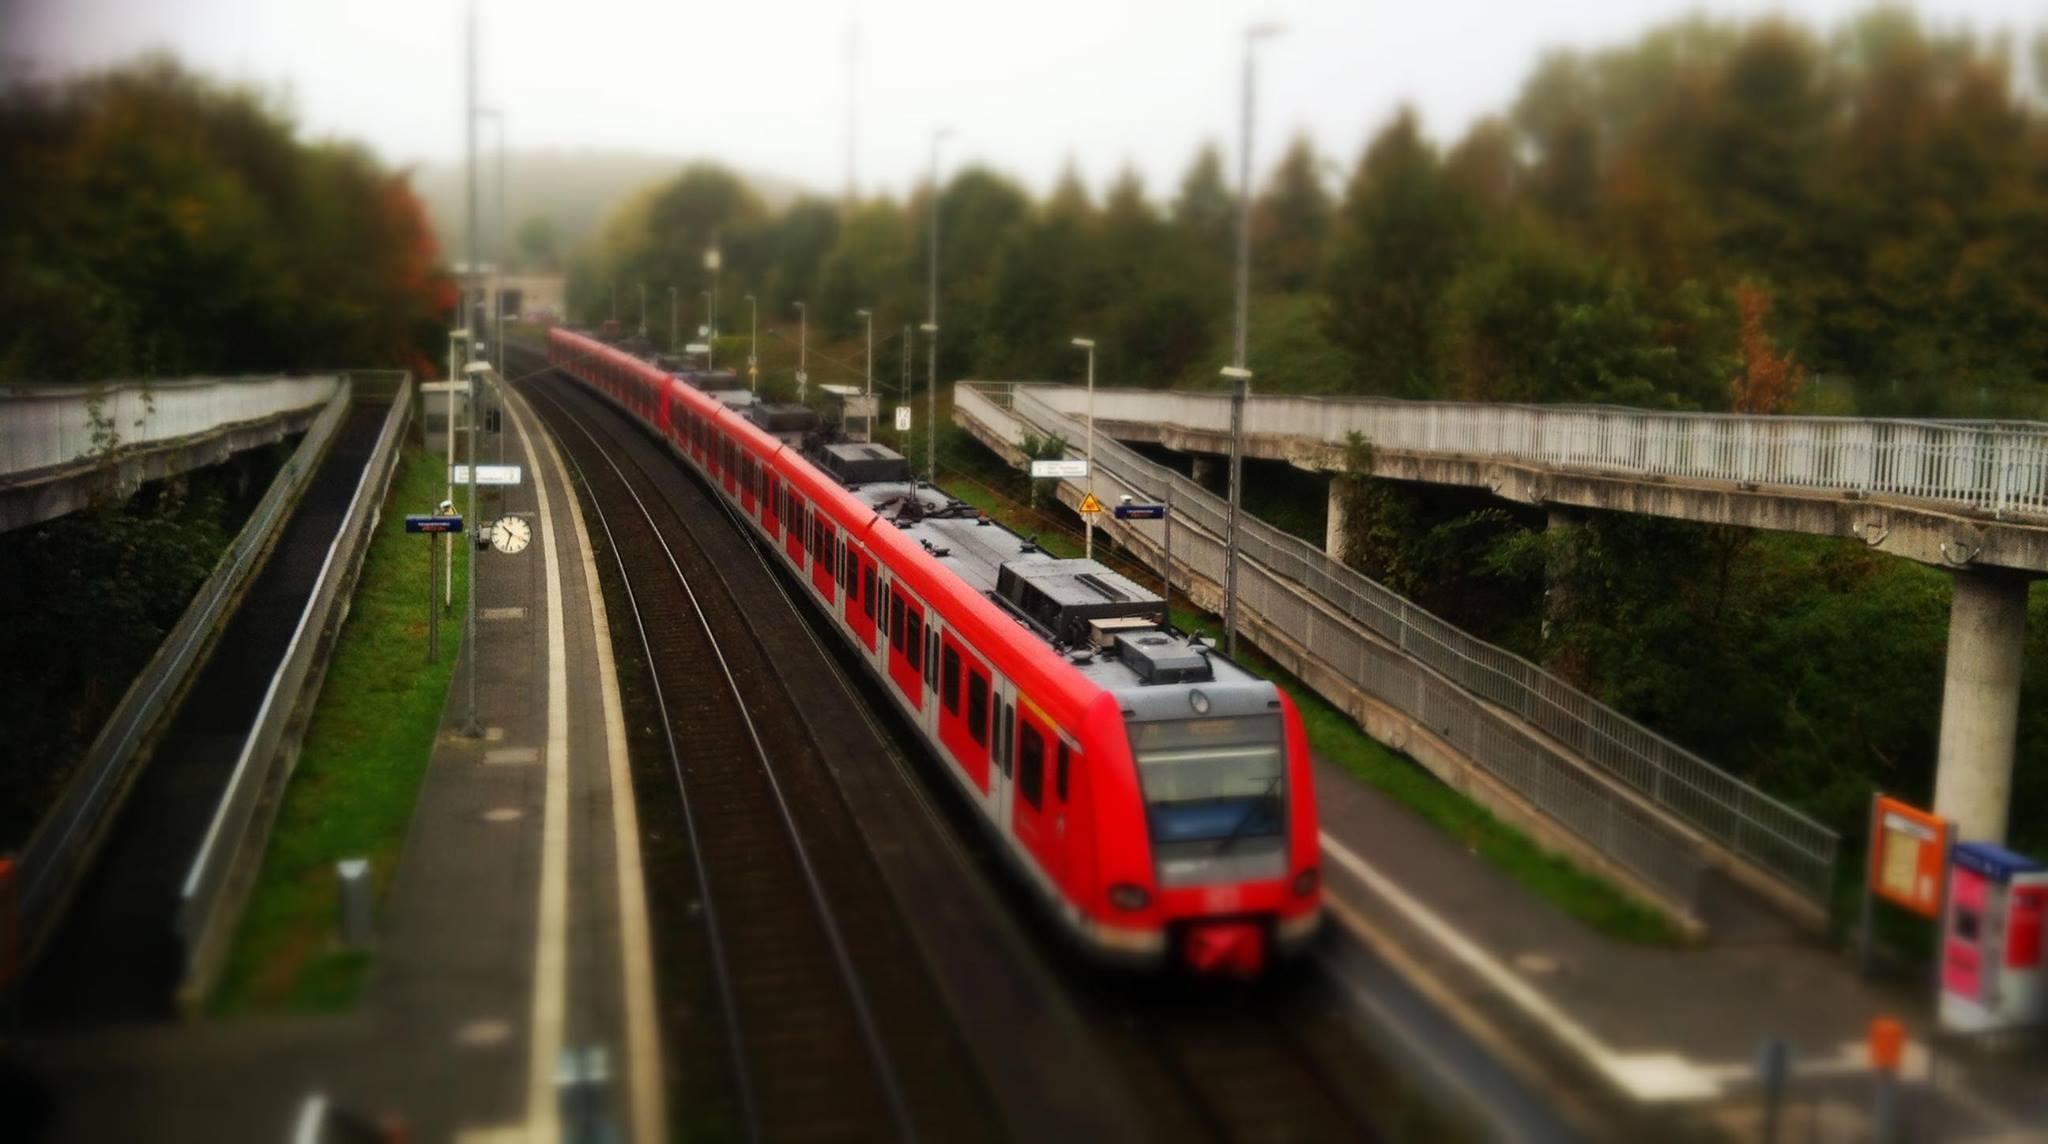 Der Bahnverkehr wurde auch in Köln-Blumenberg lahm gelegt. Symbolfoto.